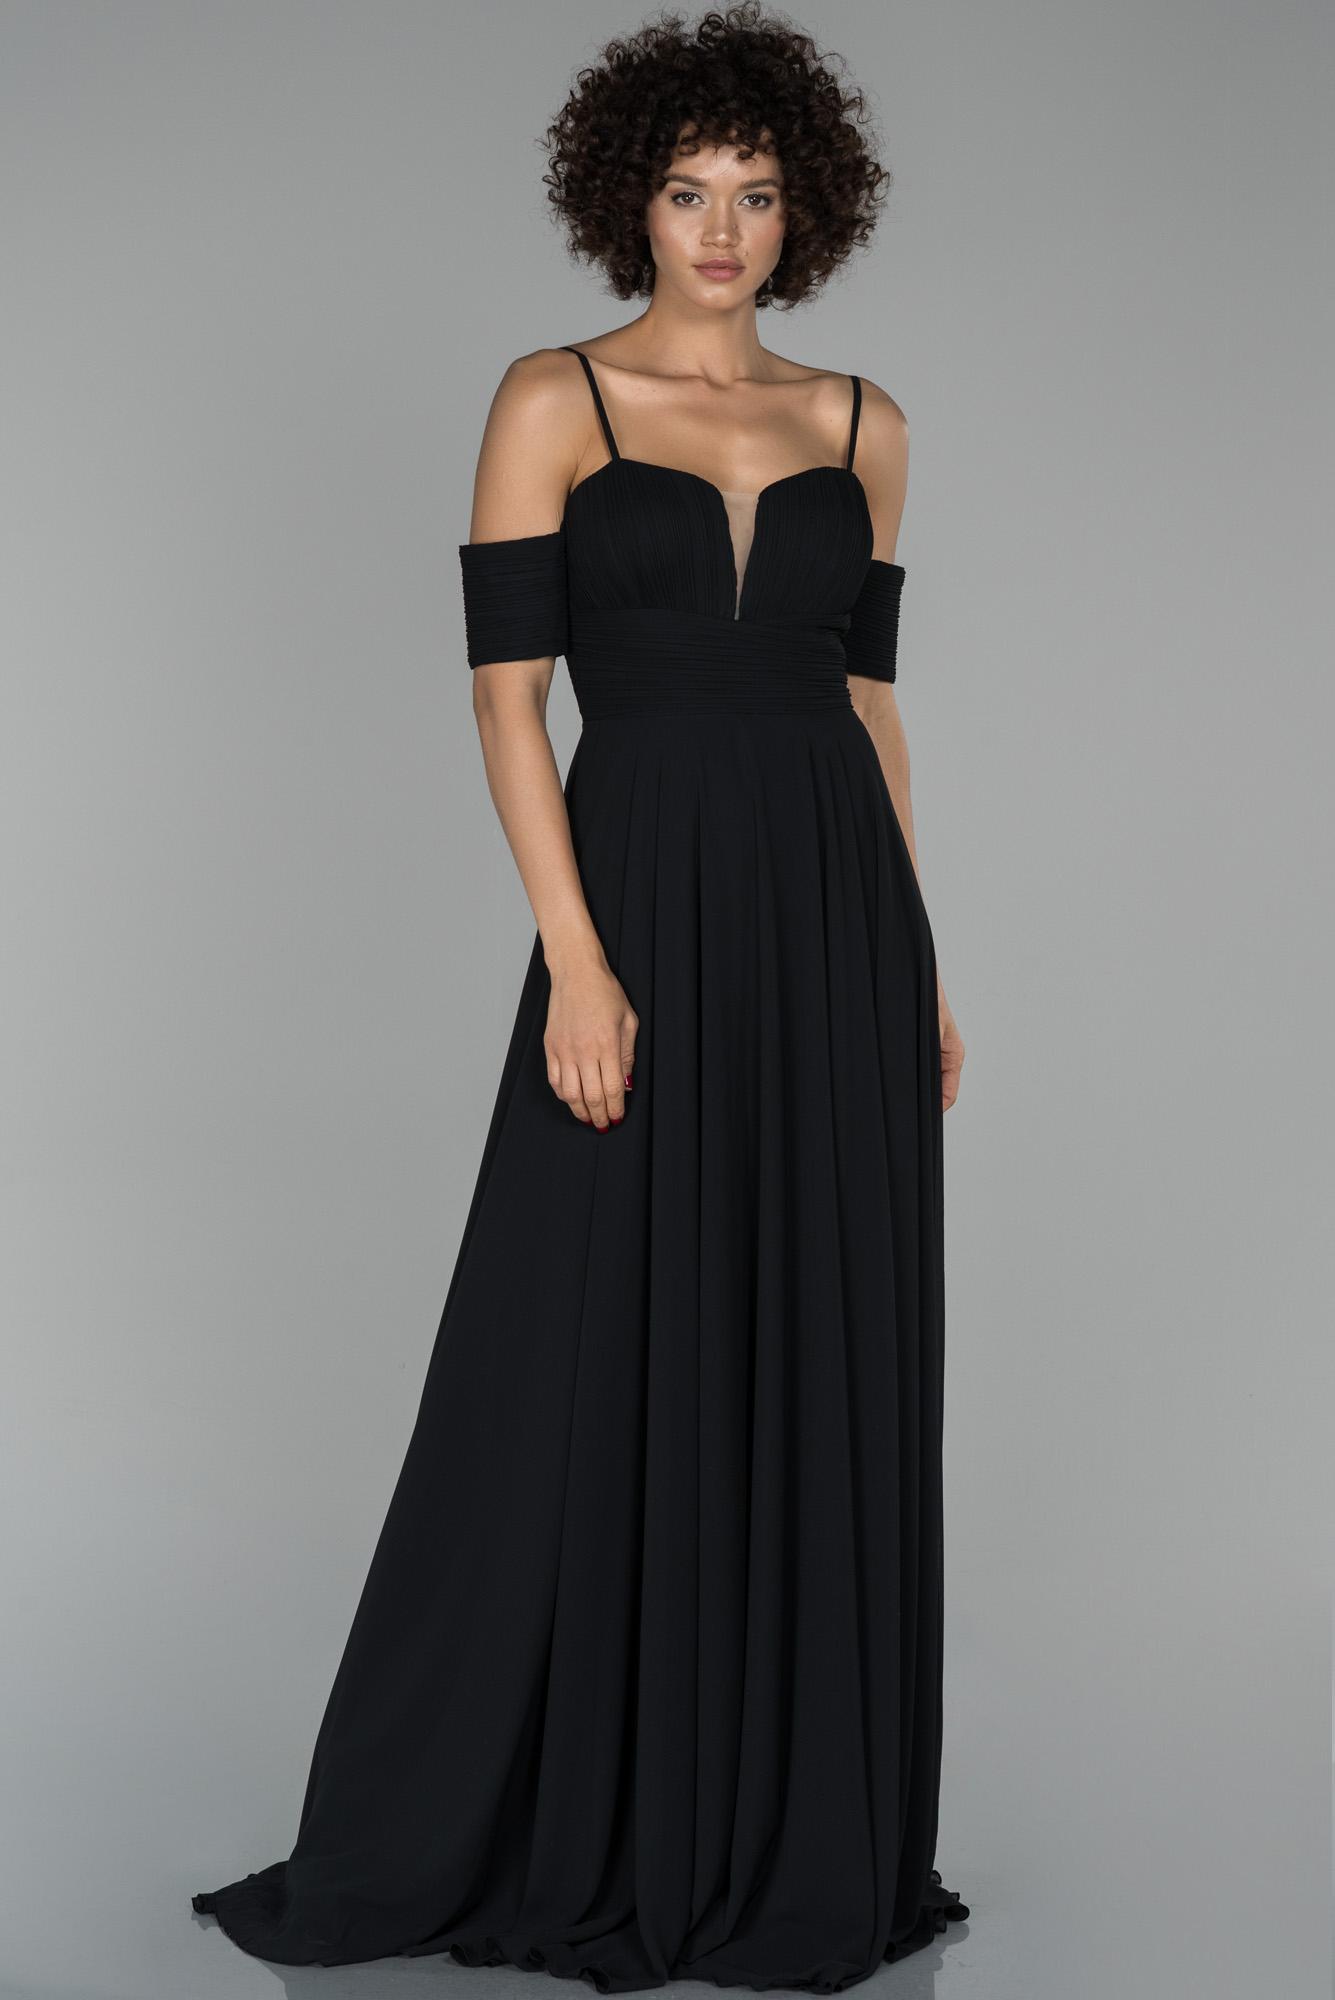 Siyah Uzun Kol Detaylı Şifon Abiye Elbise